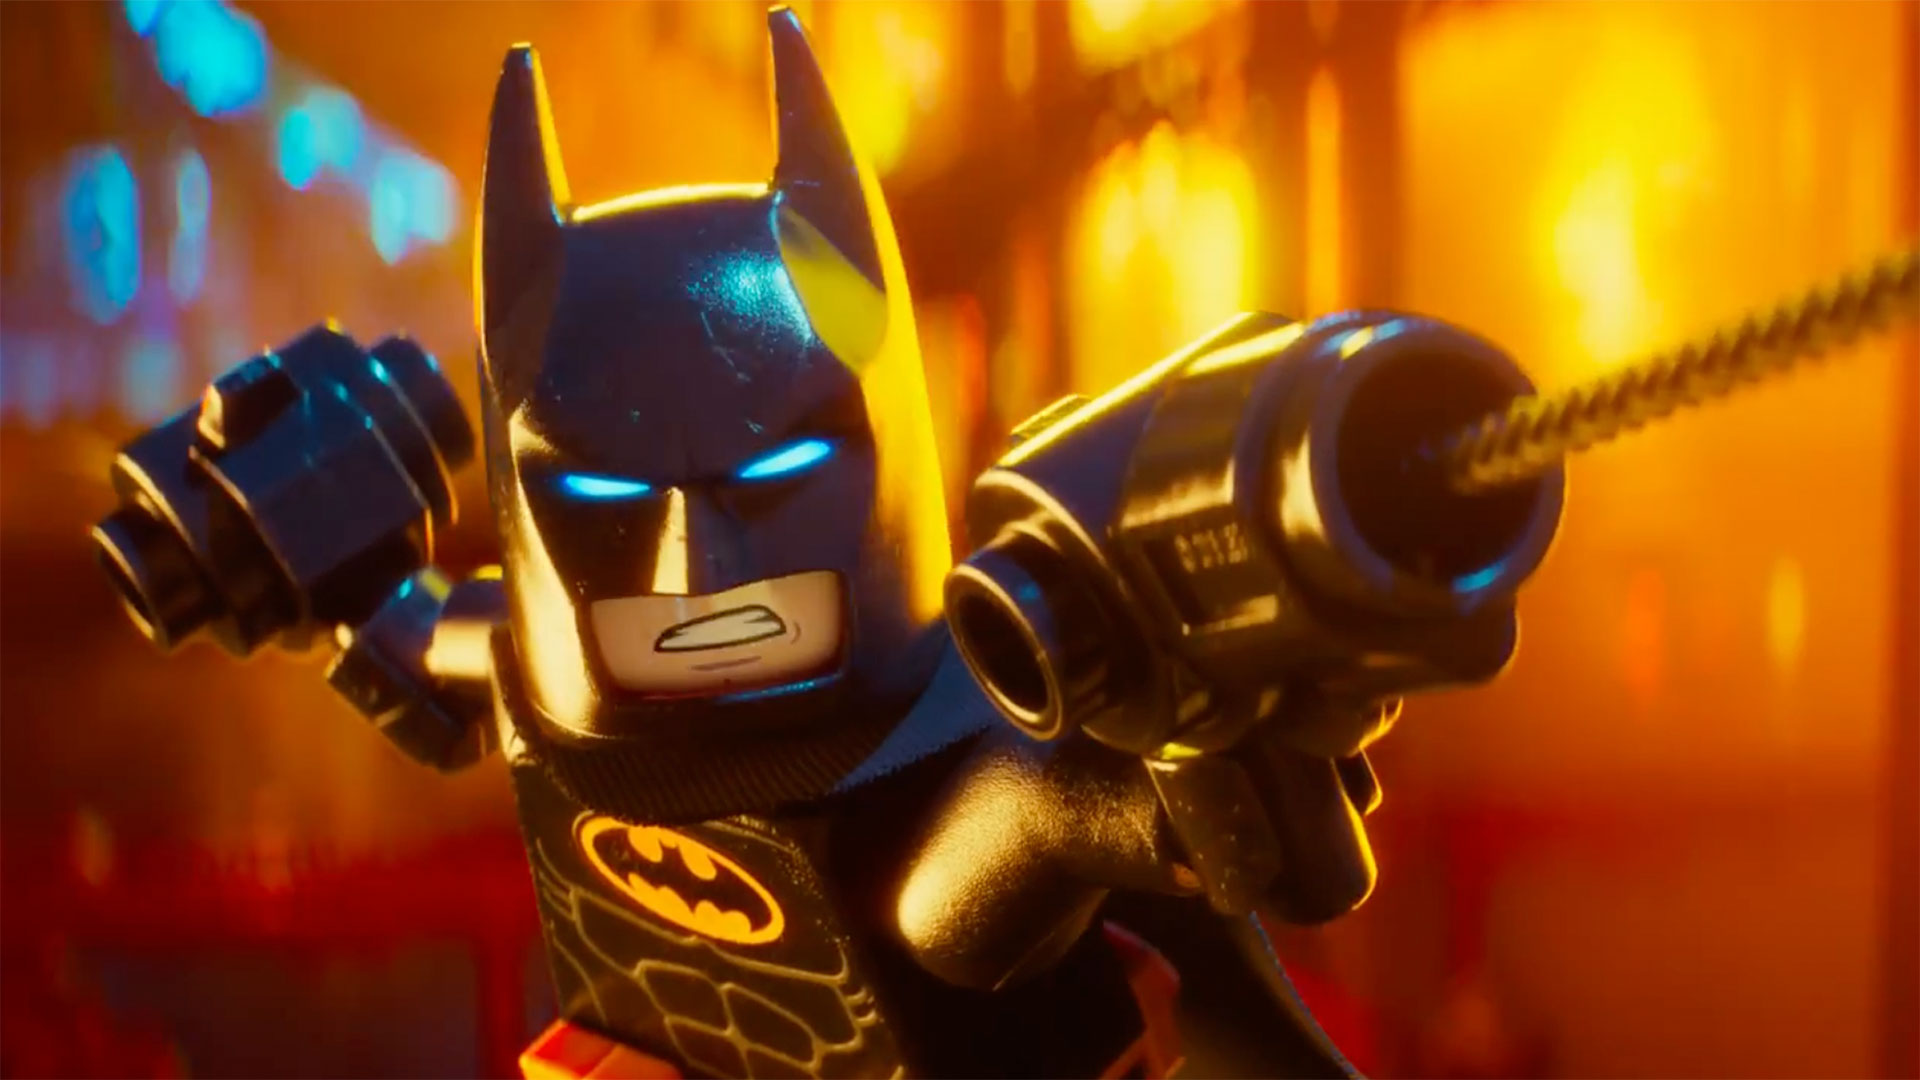 Batman la lego pel cula cr tica del spin off de bloques for Videos de lego batman